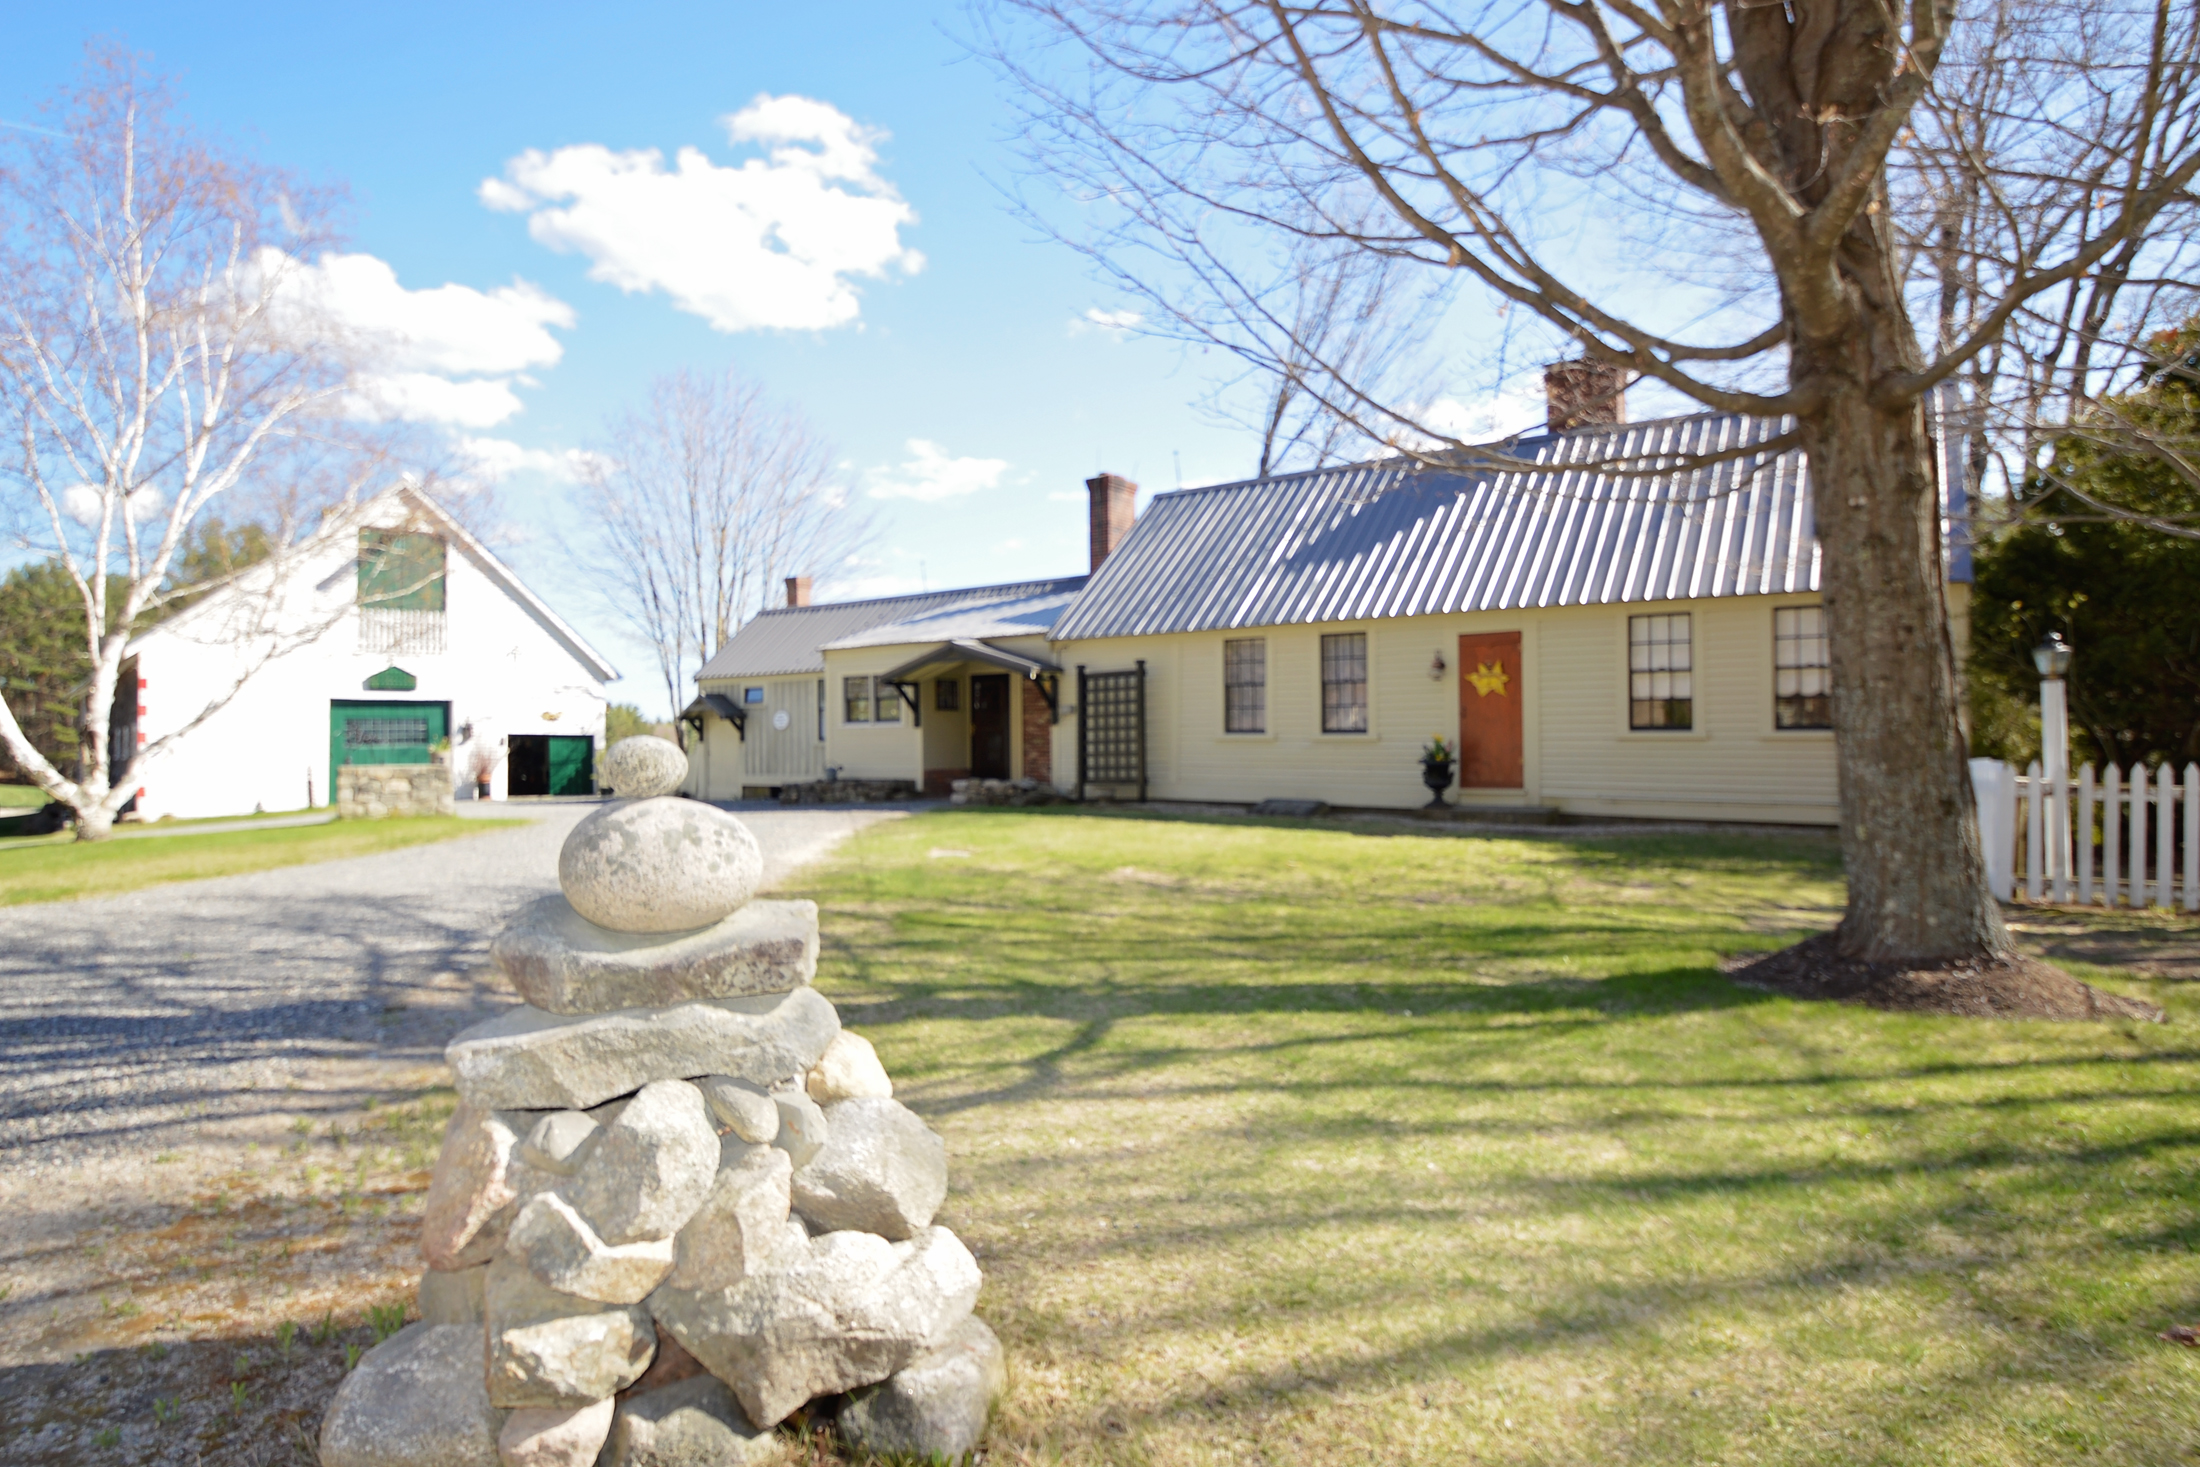 Maison unifamiliale pour l Vente à Gentlemans Farm 203 Lyford Rd Brookfield, New Hampshire, 03782 États-Unis